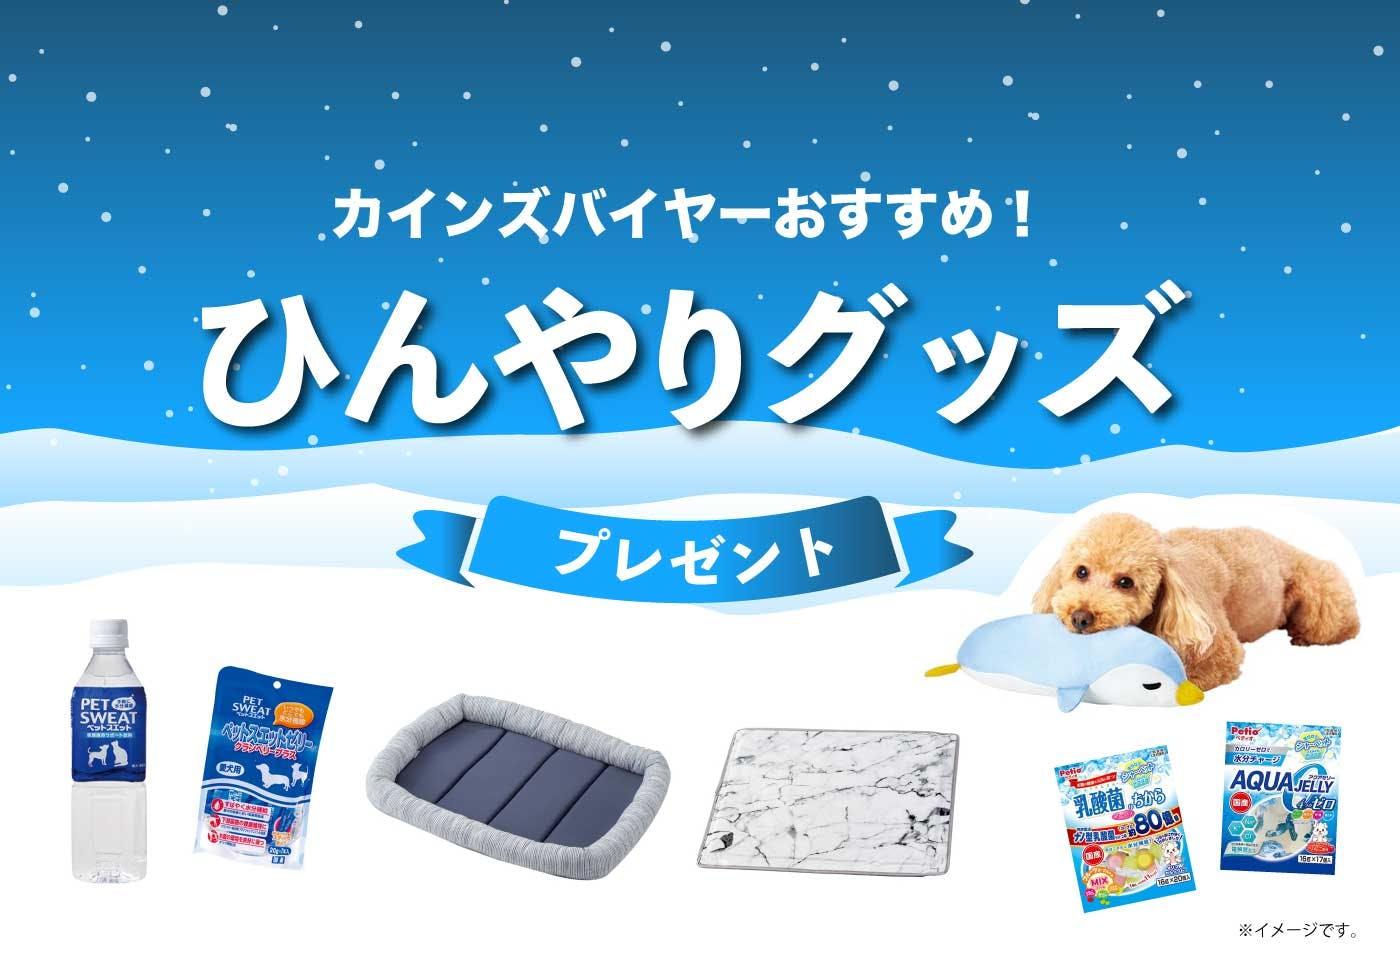 「ひんやりグッズ」プレゼント!愛犬が暑い夏を快適に過ごすためのアイテムをゲットしよう!